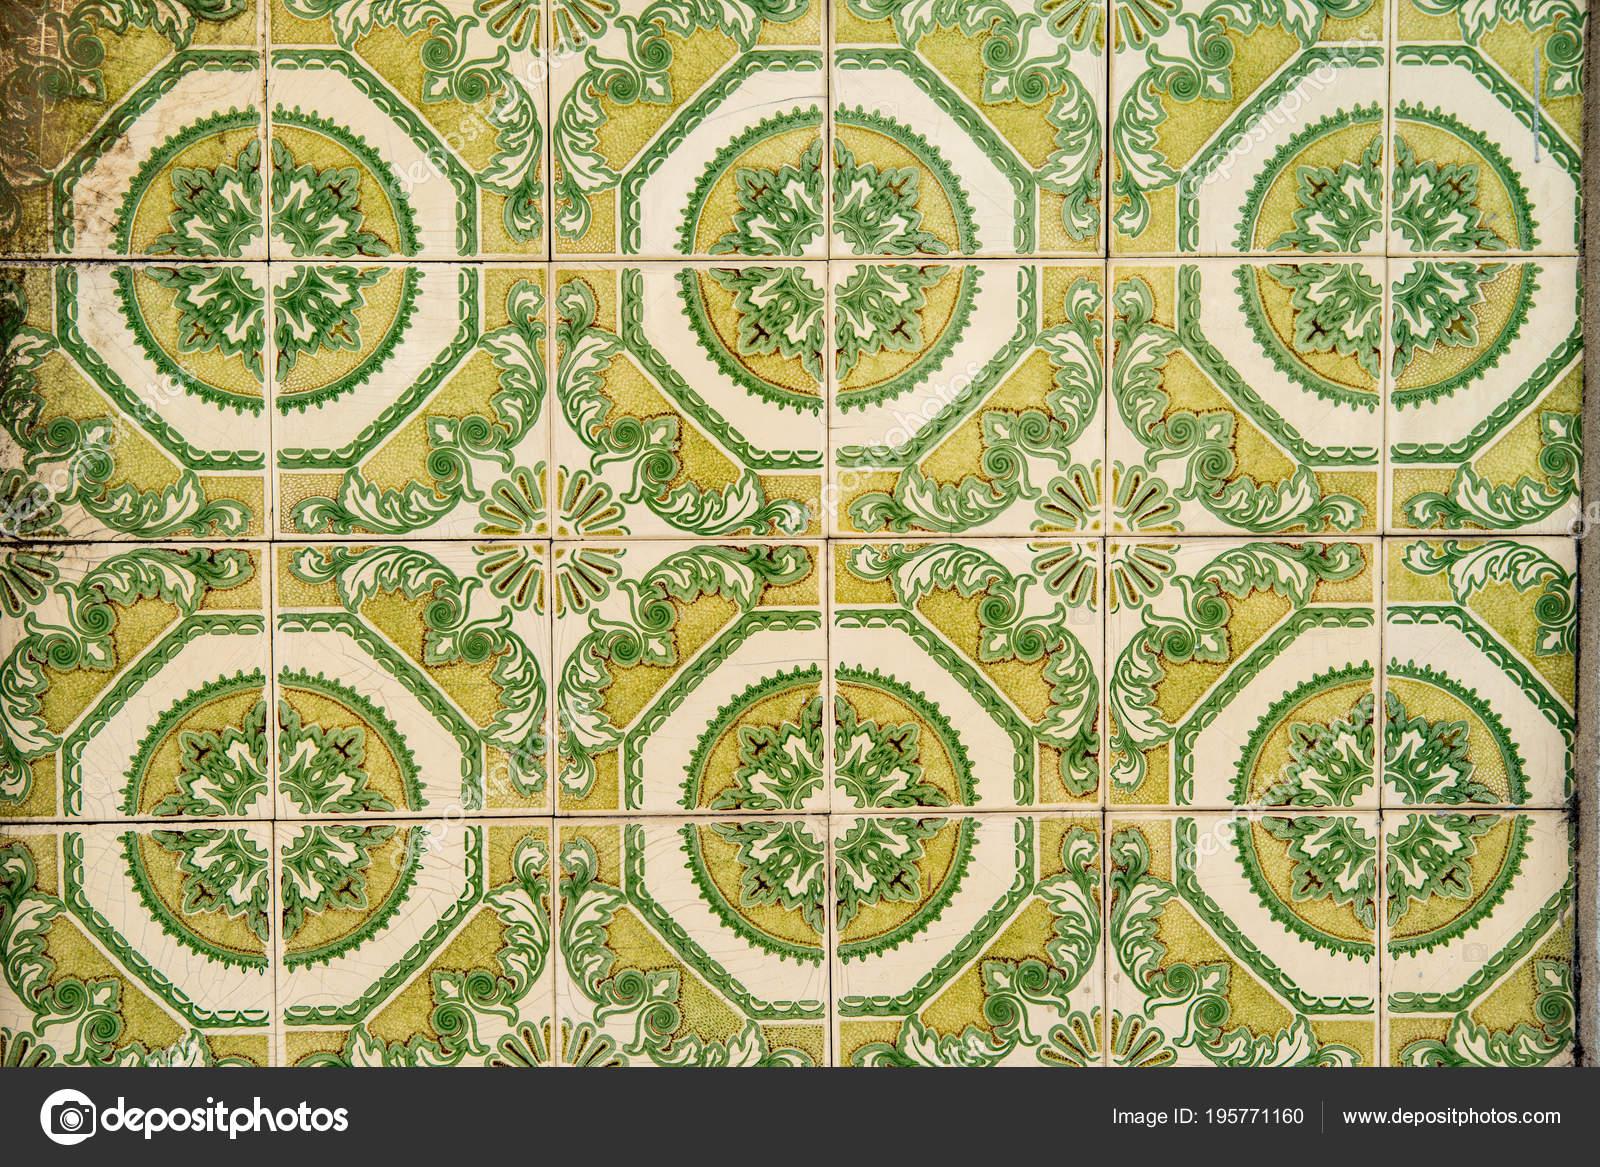 Vintage Ceramic Tiles Wall Decoration Ceramic Tiles Background Stock Photo C Kalnenko 195771160